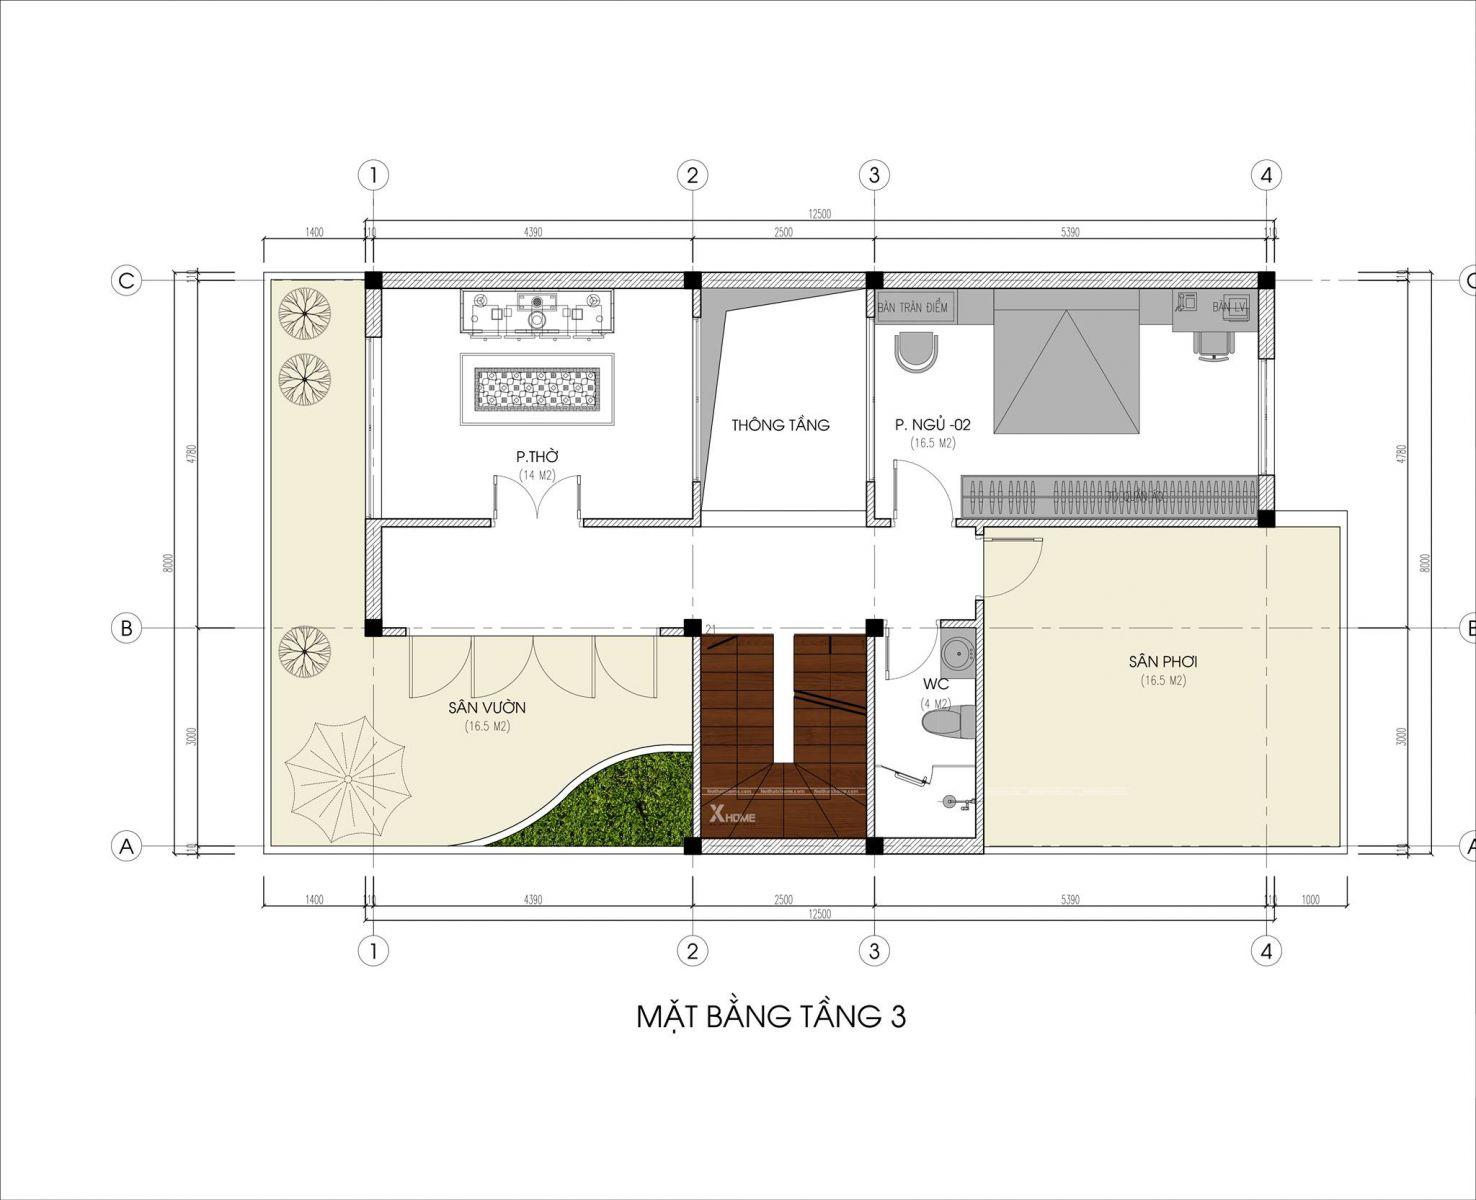 Tư vấn thiết kế Biệt thự hiện đại 3 tầng 8x20m (160 m2)